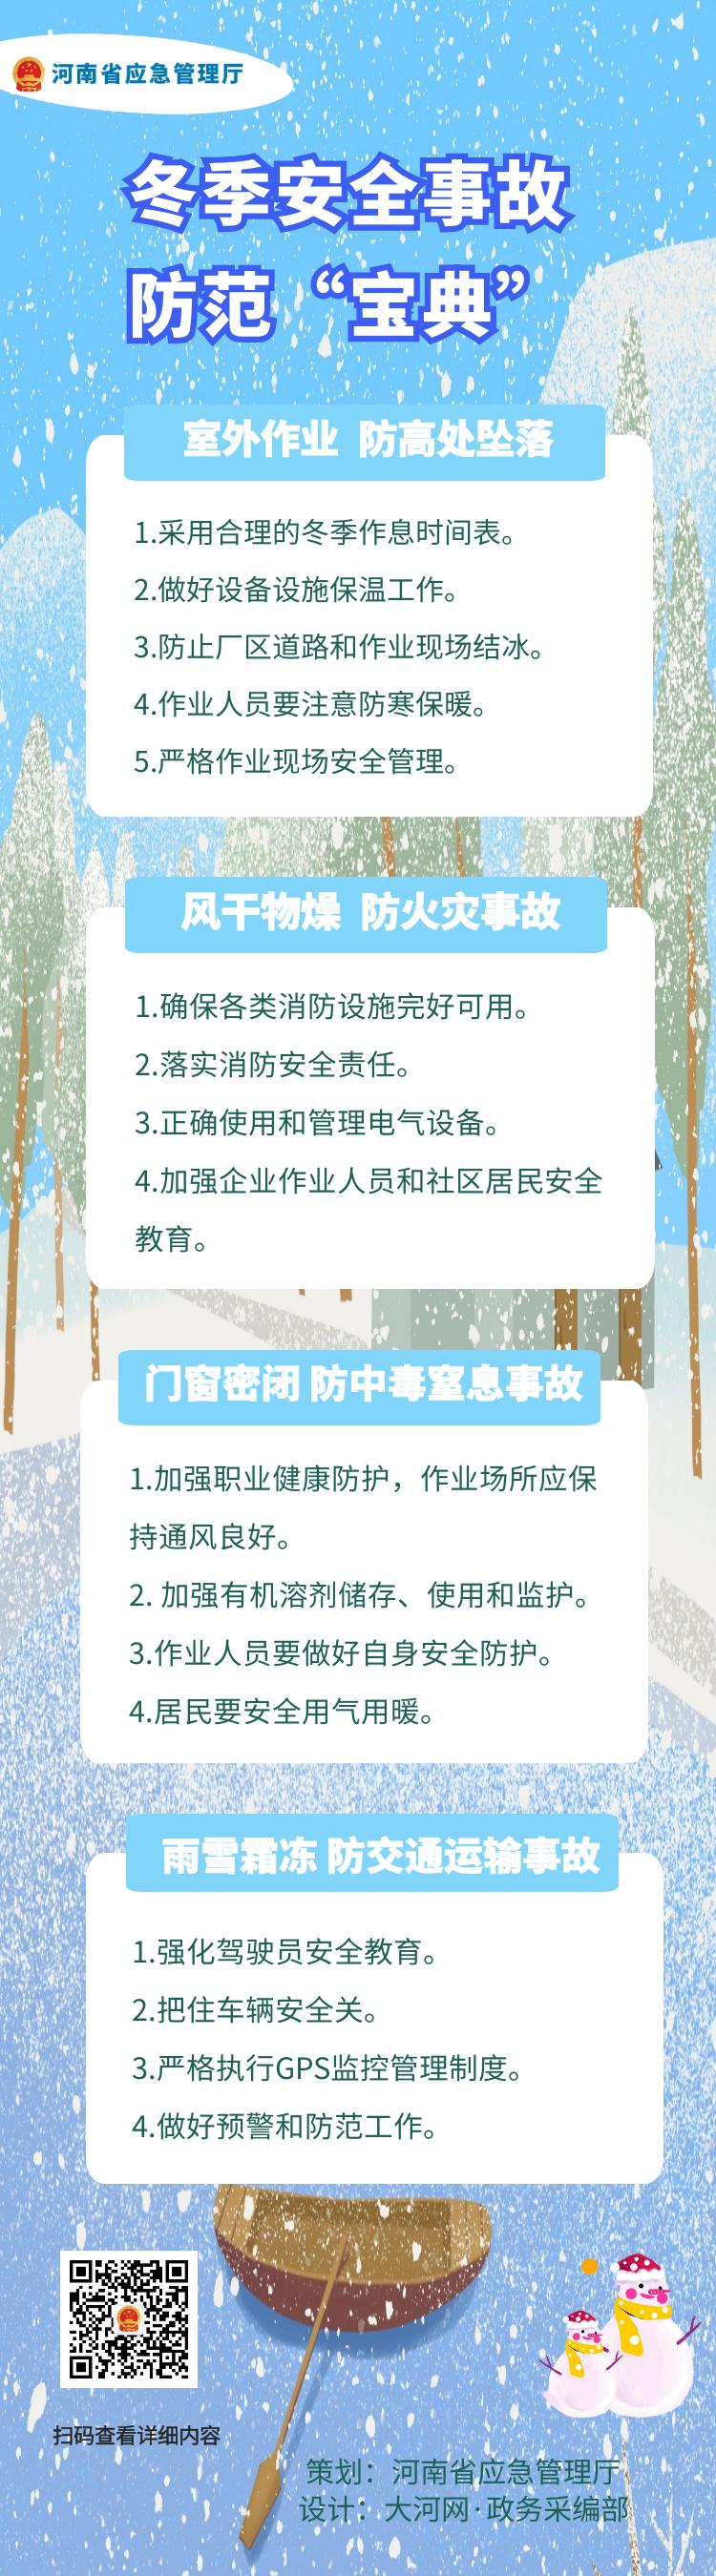 冬季安全生产事故防范宝典.png